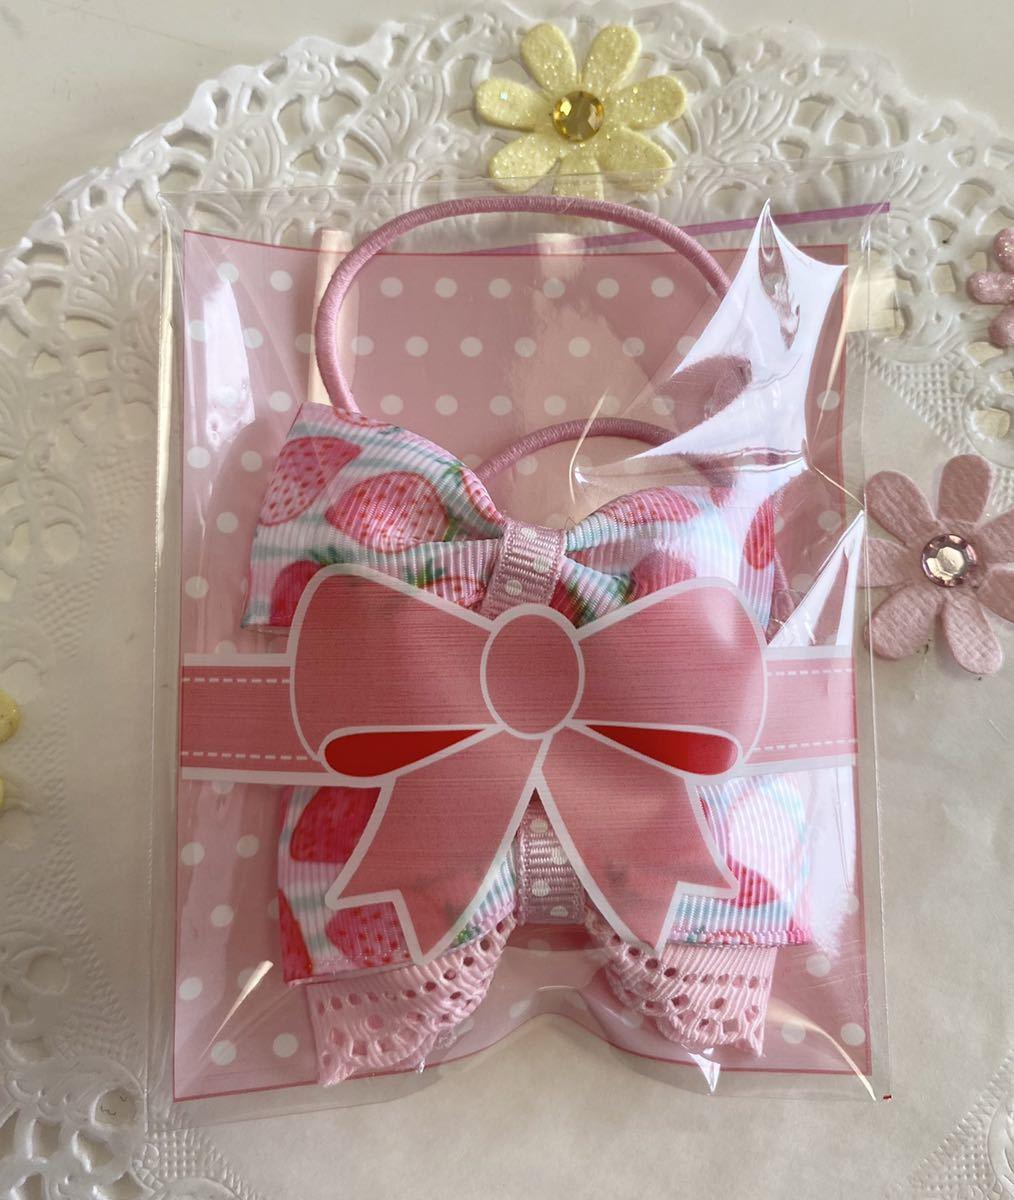 ハンドメイド リボン ヘアゴム キッズ ピンク系 イチゴ柄_画像3